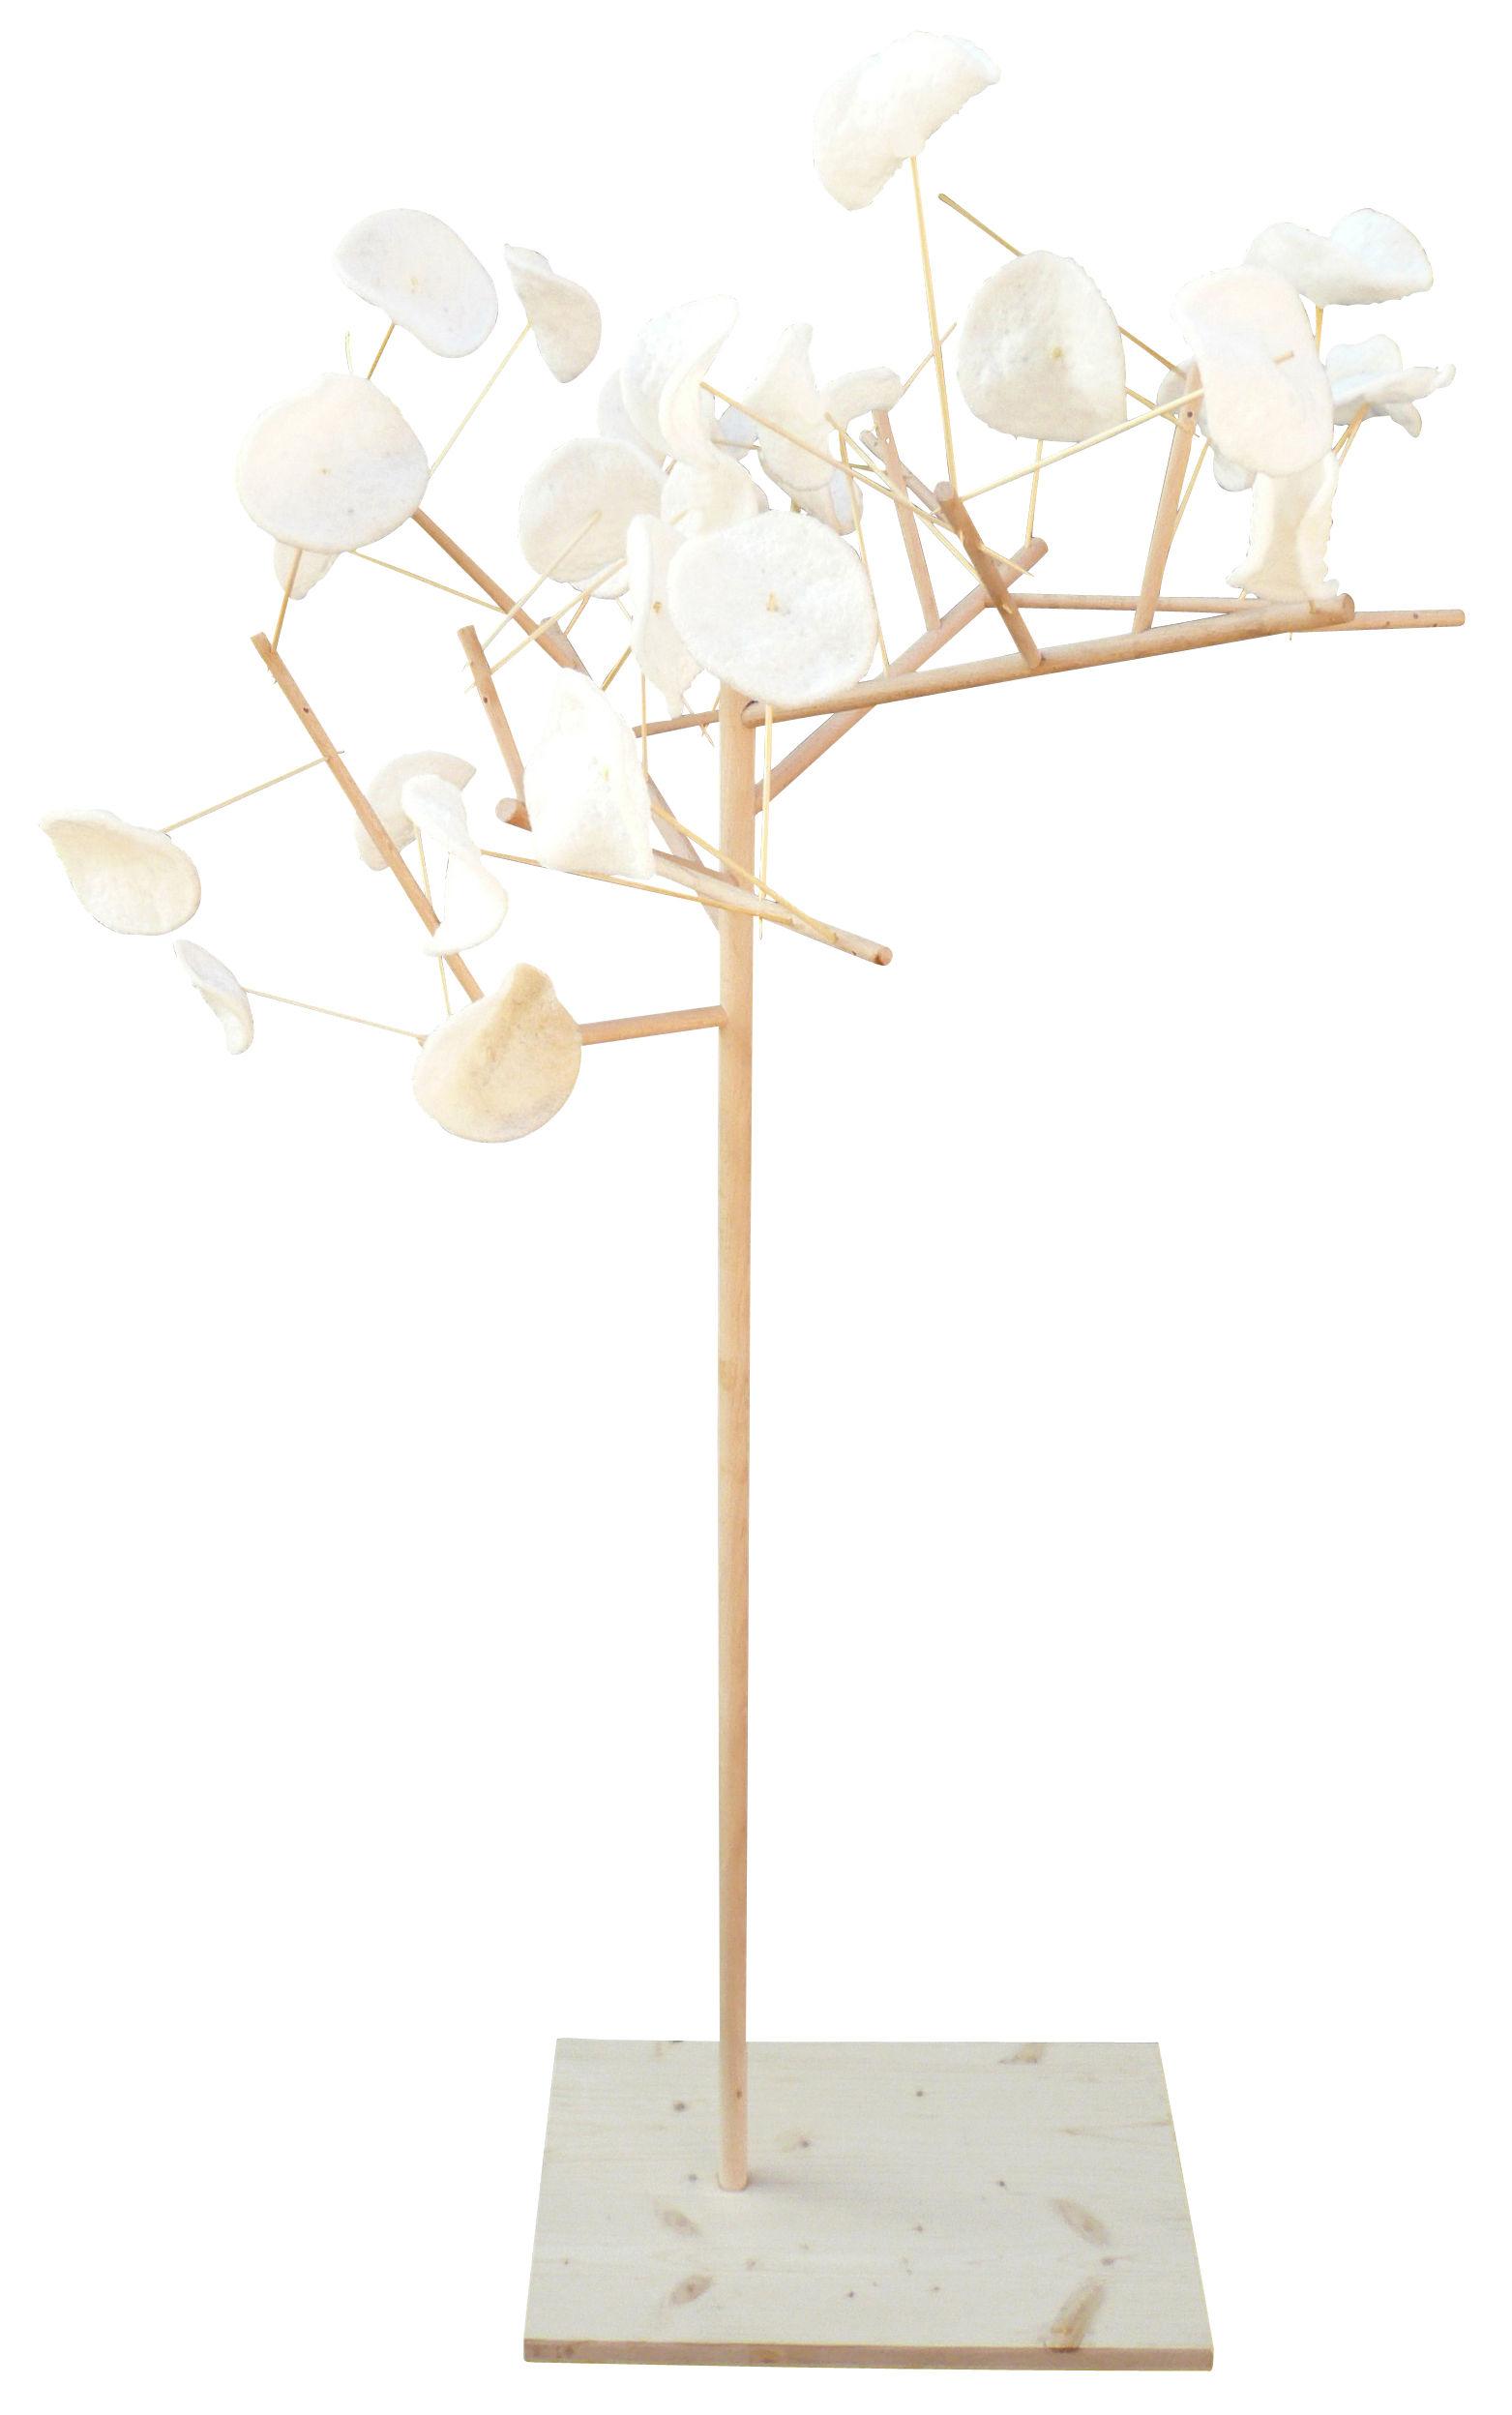 Déco - Tendance humour & décalage - Présentoir à nourriture Mangier - Arbre à manger arbre à manger - H 117 cm - Smarin - Hêtre - H 117 cm - Hêtre